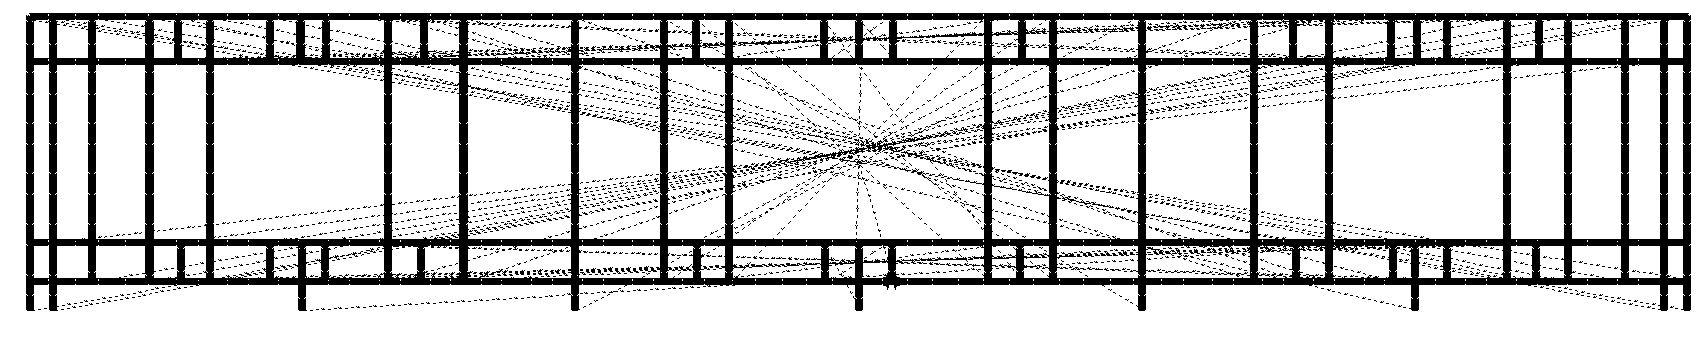 автоматическое превращение контуров в стежковые типы